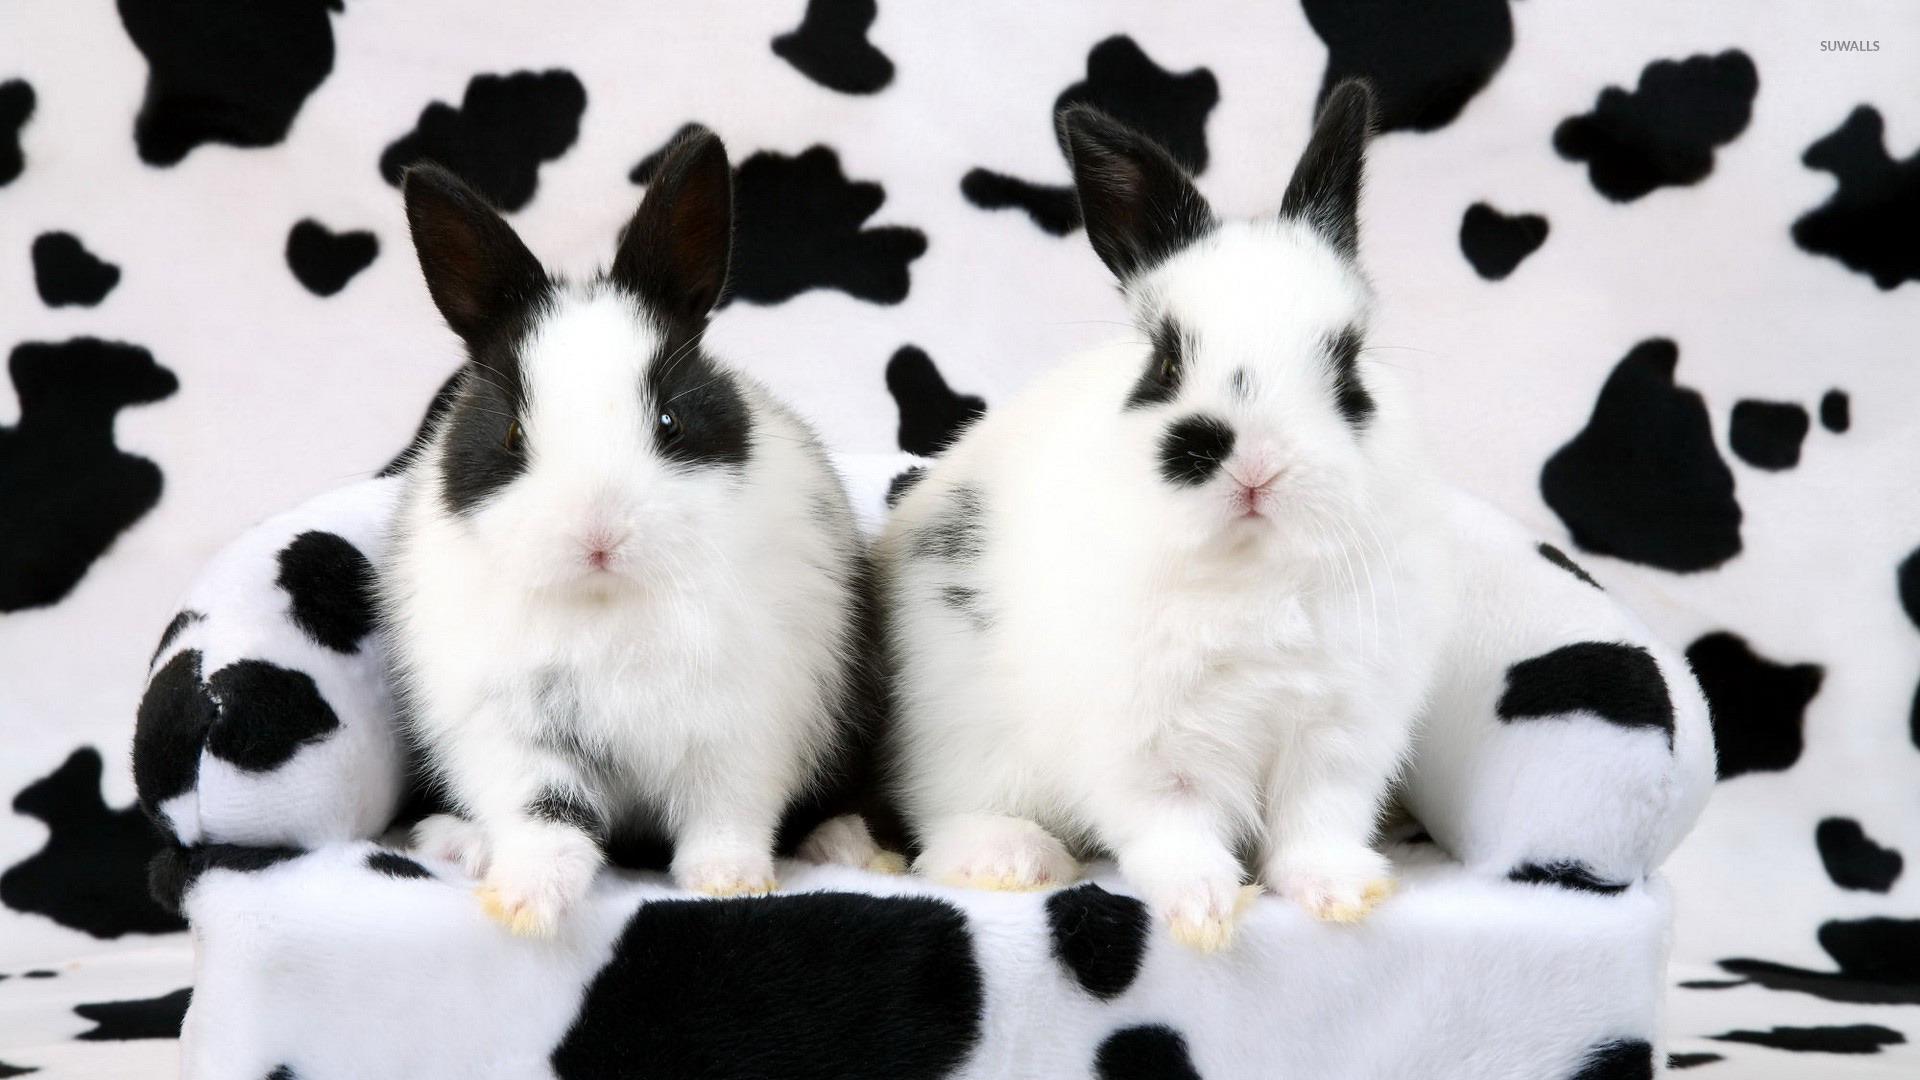 Cute White Rabbit Wallpapers For Desktop Black And White Rabbits Wallpaper Animal Wallpapers 20876